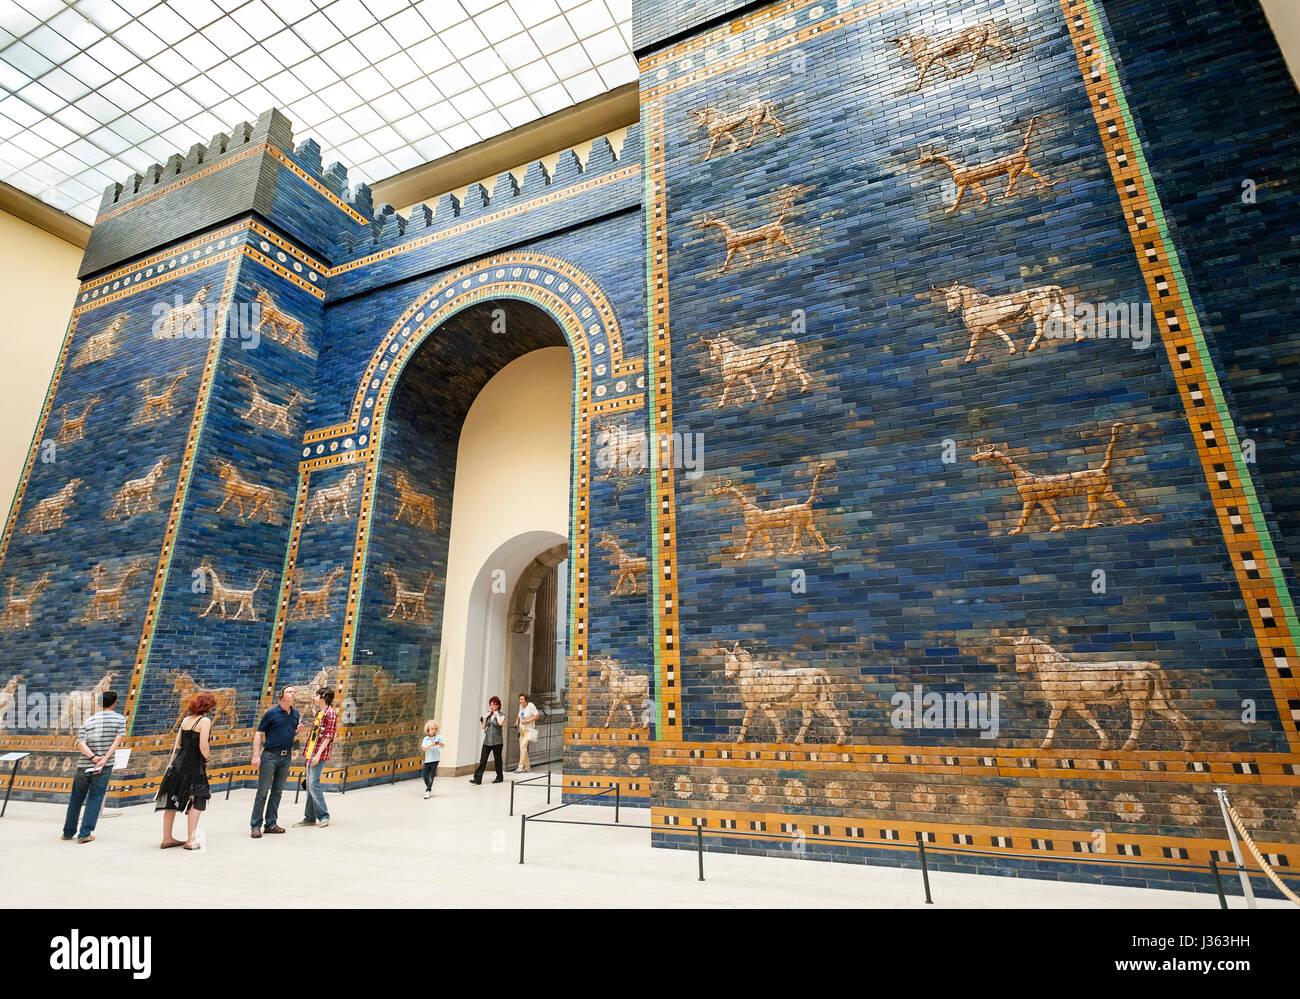 Pergamonmuseum Museumsinsel Berlin Deutschland Stockfotos Und Bilder Kaufen Alamy